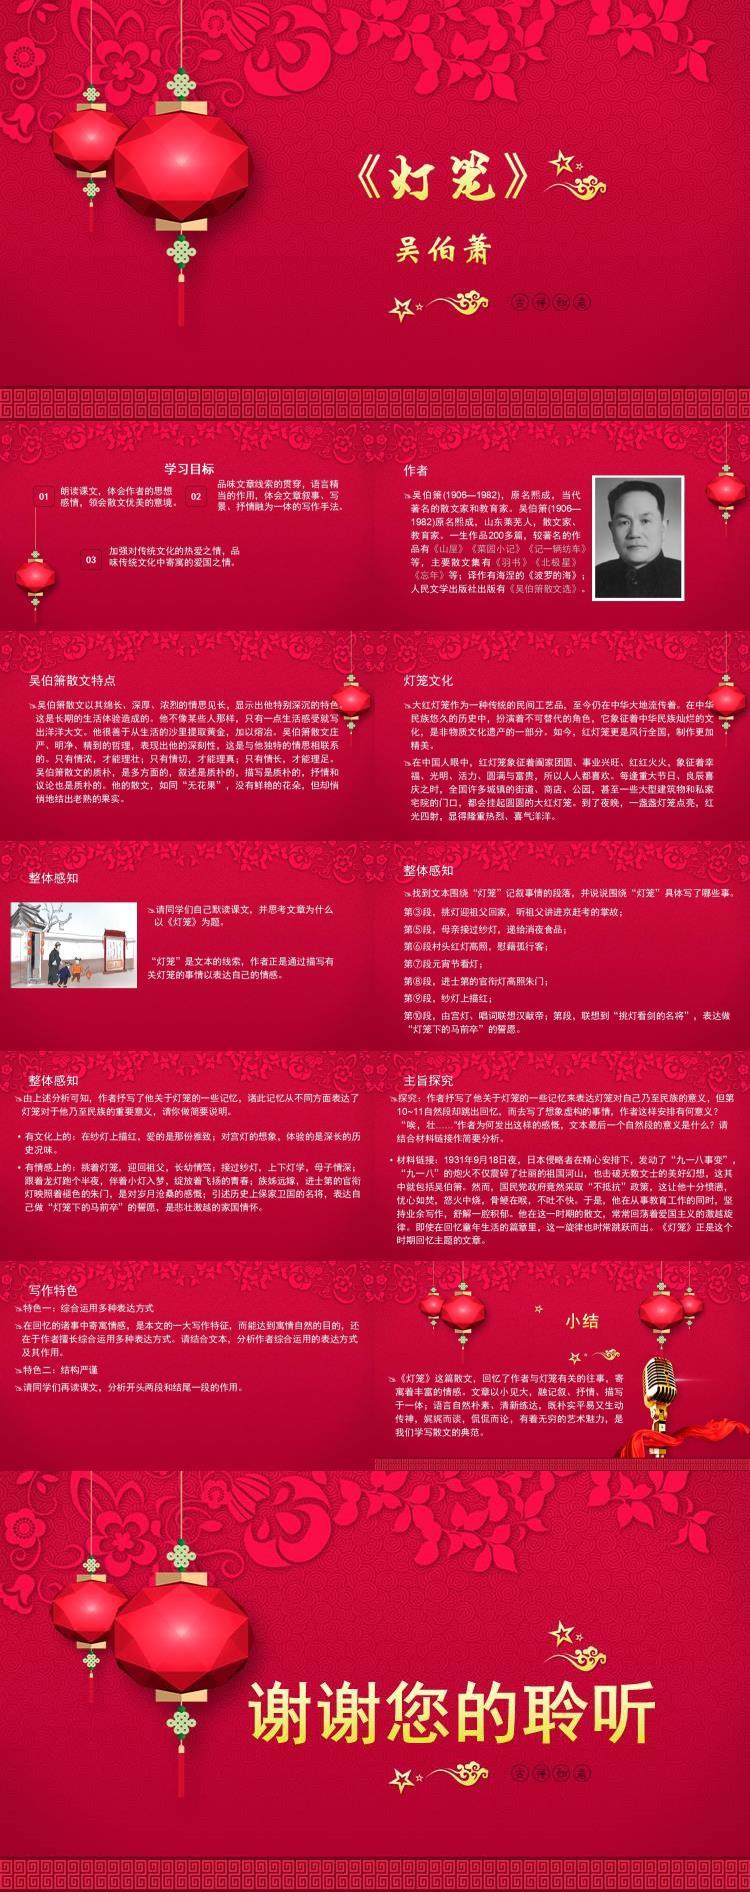 作品标题:人教部编版八年级语文下册第一单元《灯笼》吴伯萧 课件